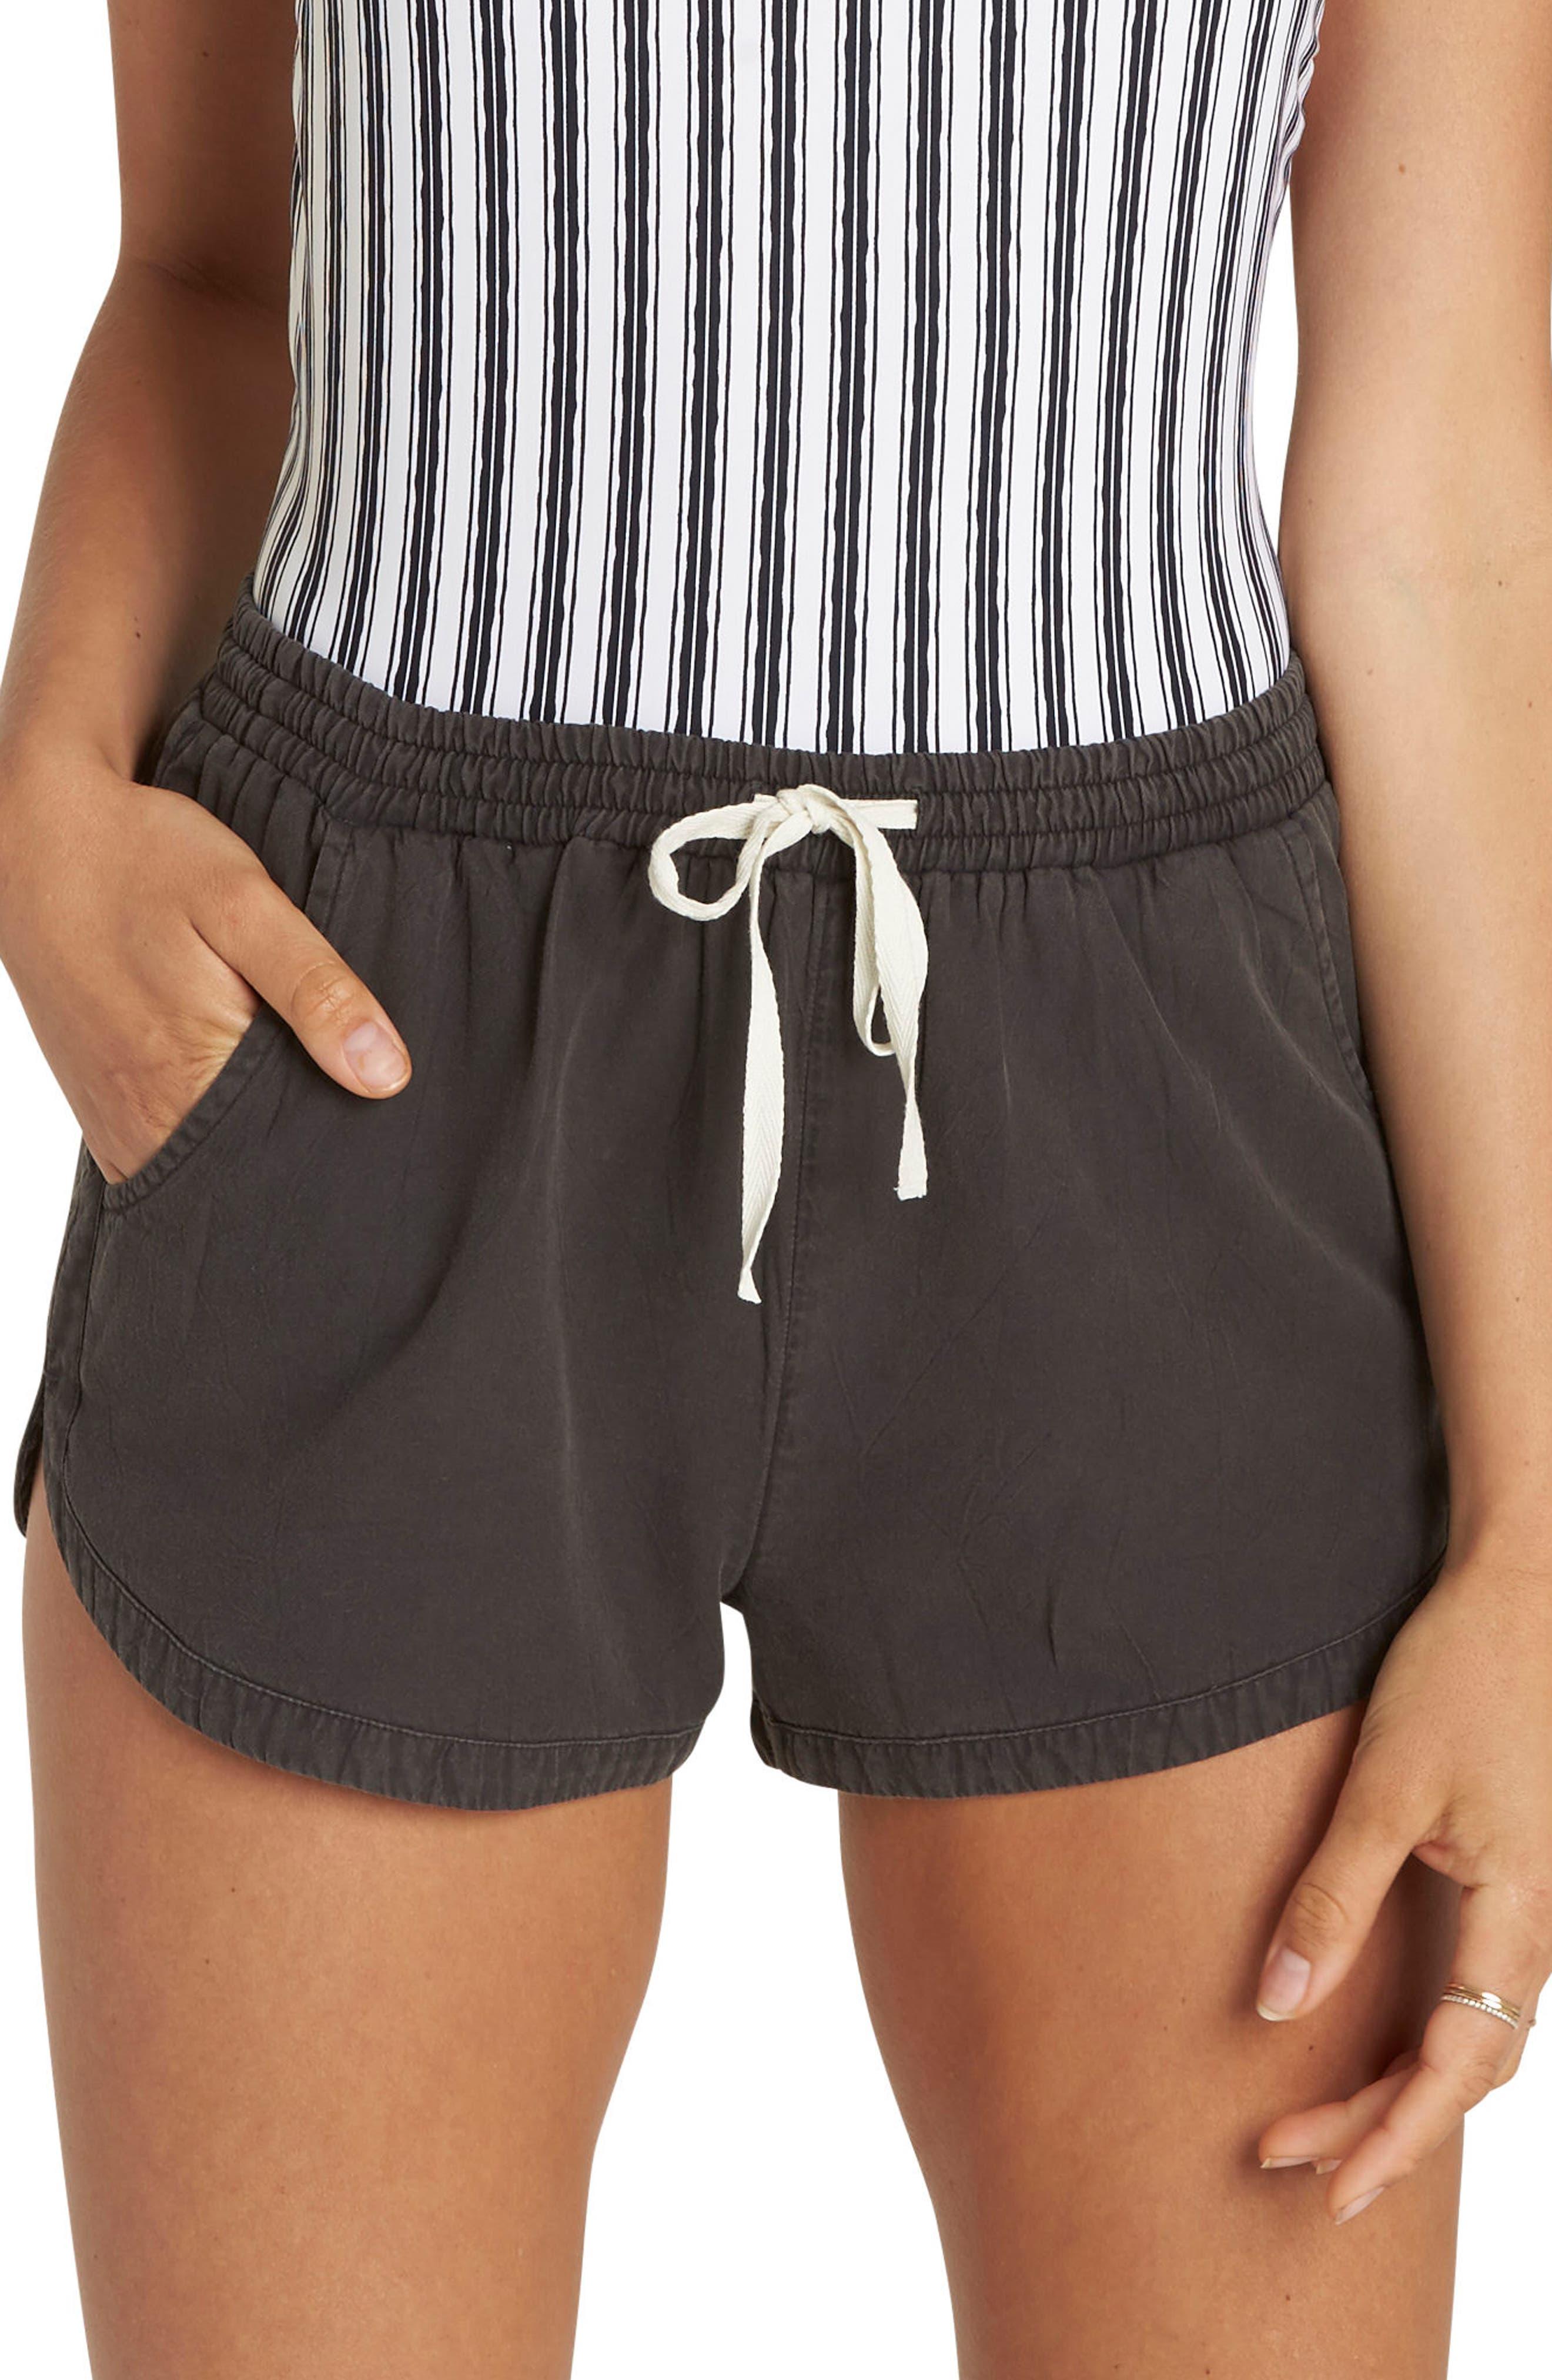 'Road Trippin' Shorts,                             Main thumbnail 1, color,                             Off Black